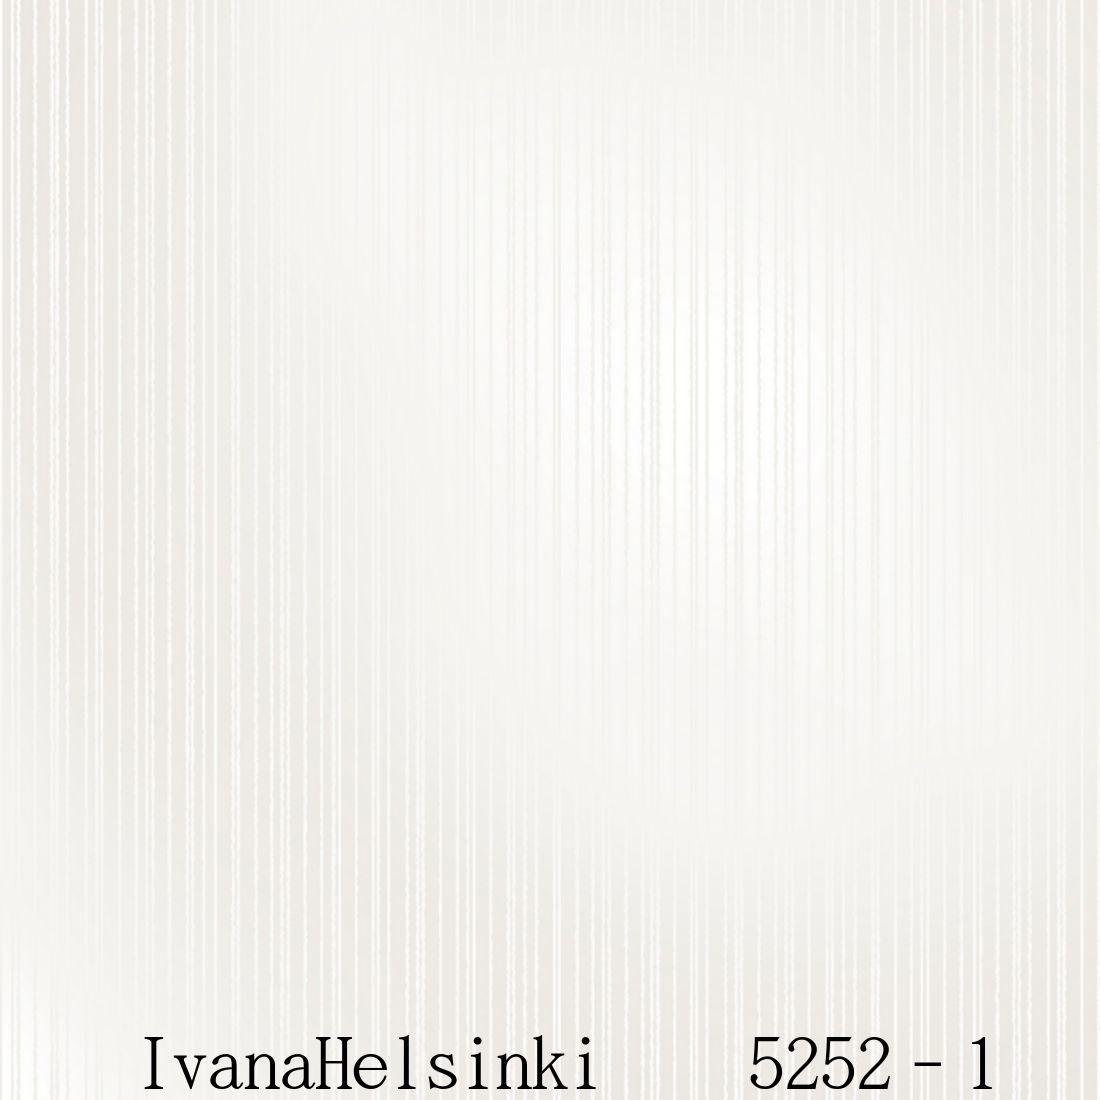 IvanaHelsinki イヴァナヘルシンキフィンランド製 壁紙5252-1【 53cm幅×10m巻 】裏面:フリース素材ストライプ 北欧 自然 ホワイト輸入壁紙IvanaHelsinki Wallpaper★P10倍★